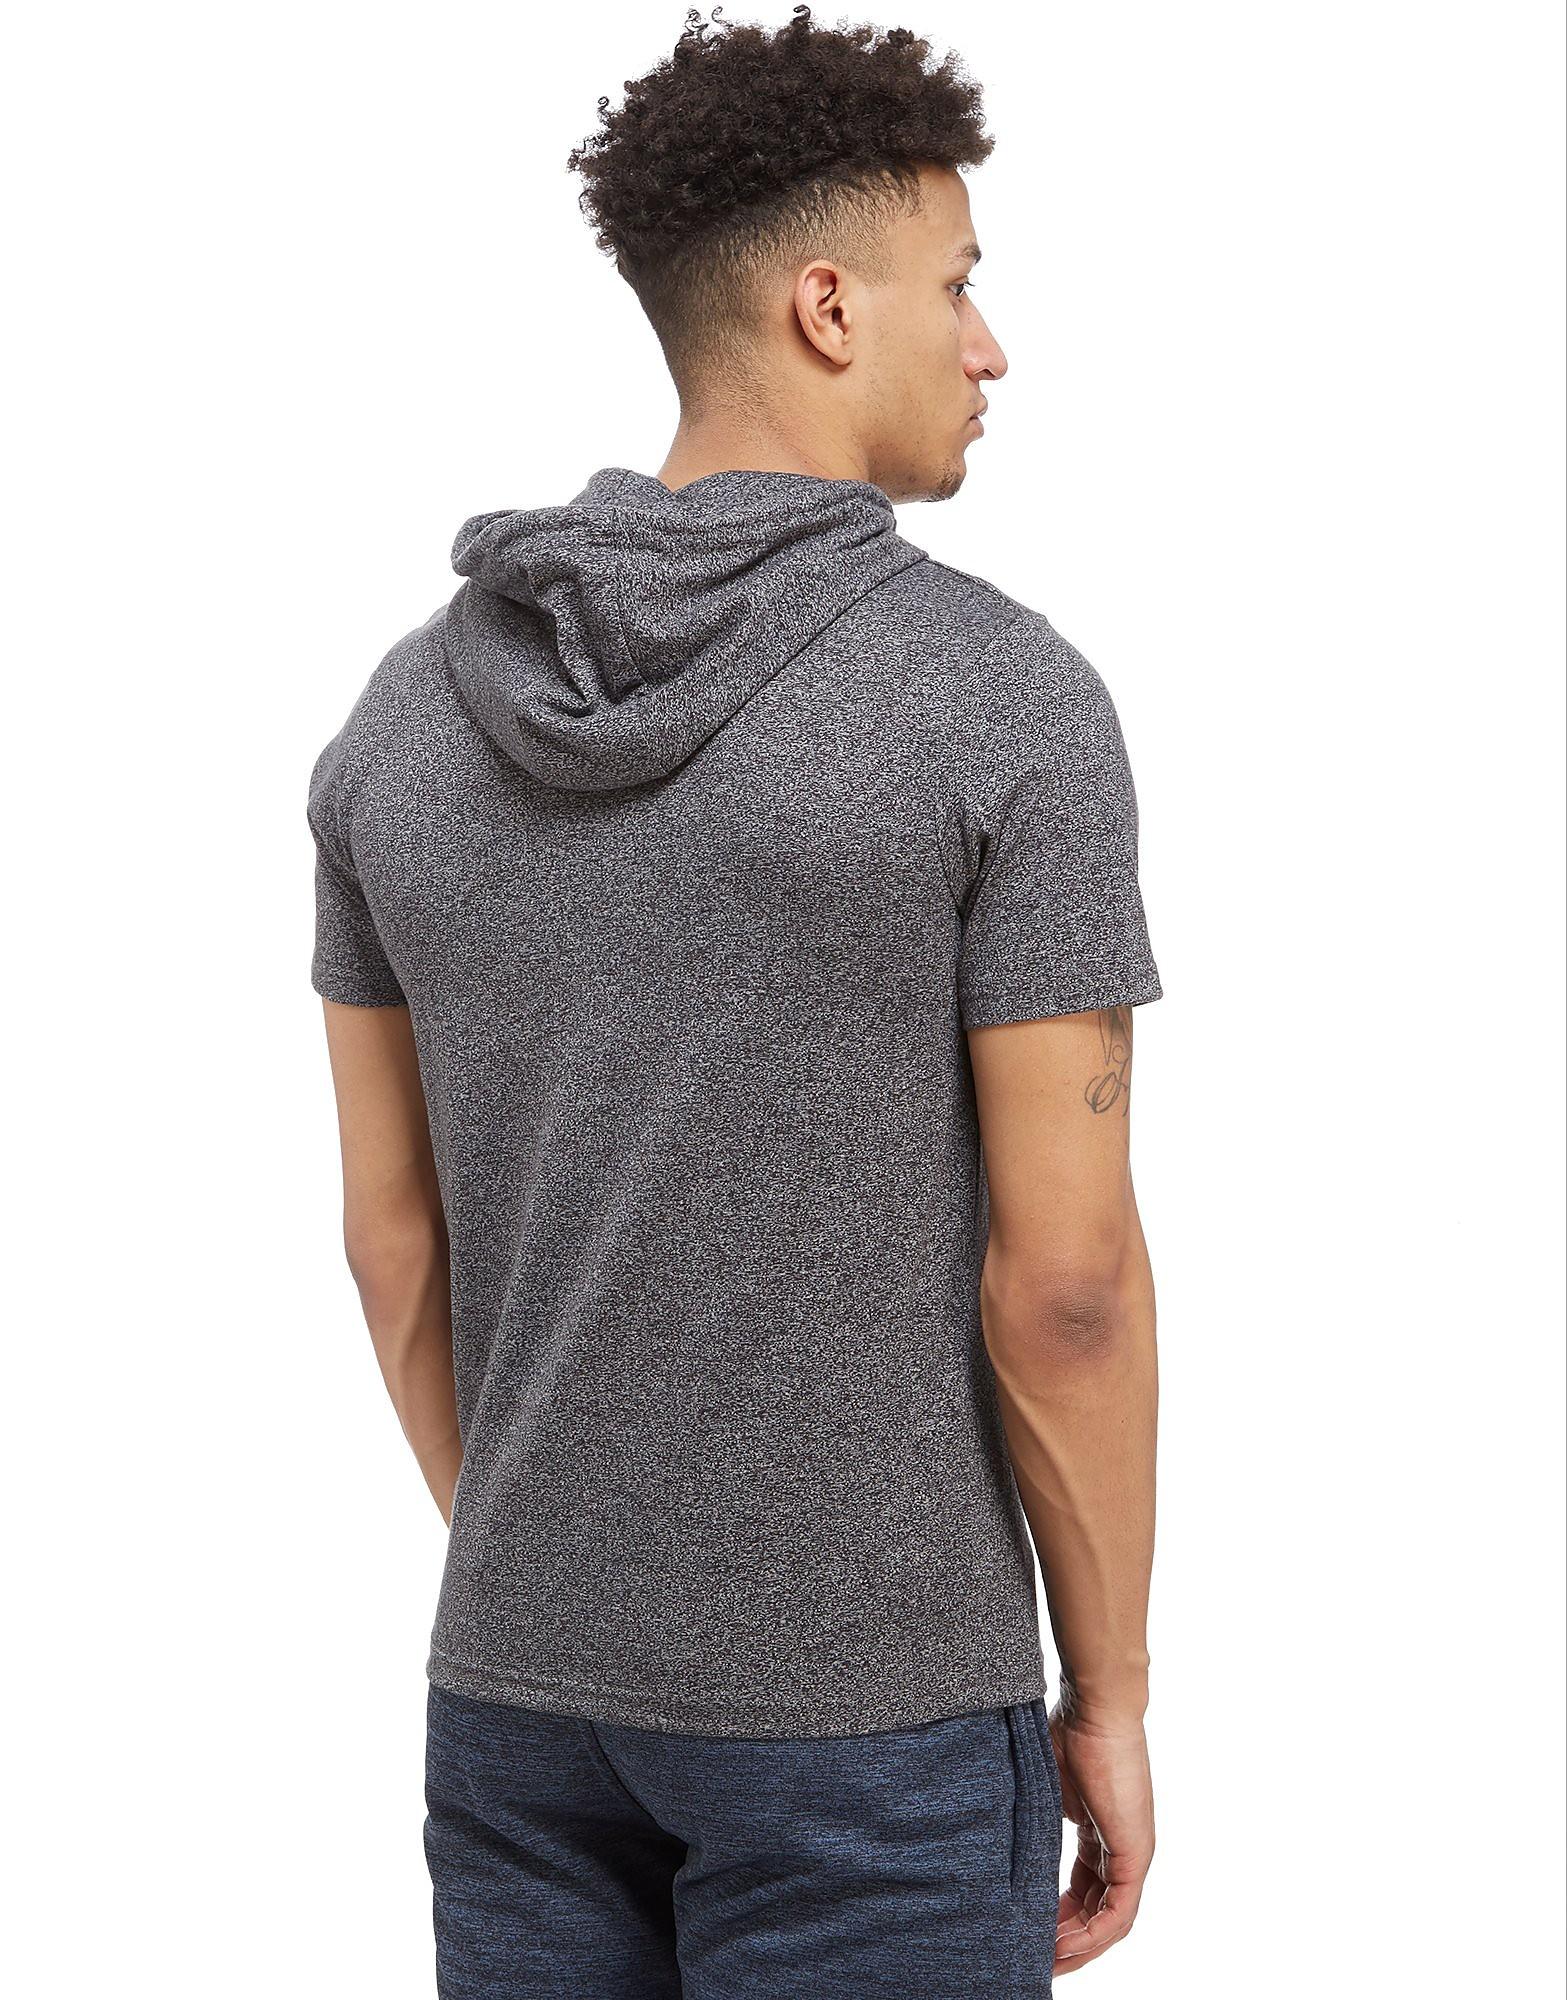 Ellesse Felenope T-Shirt